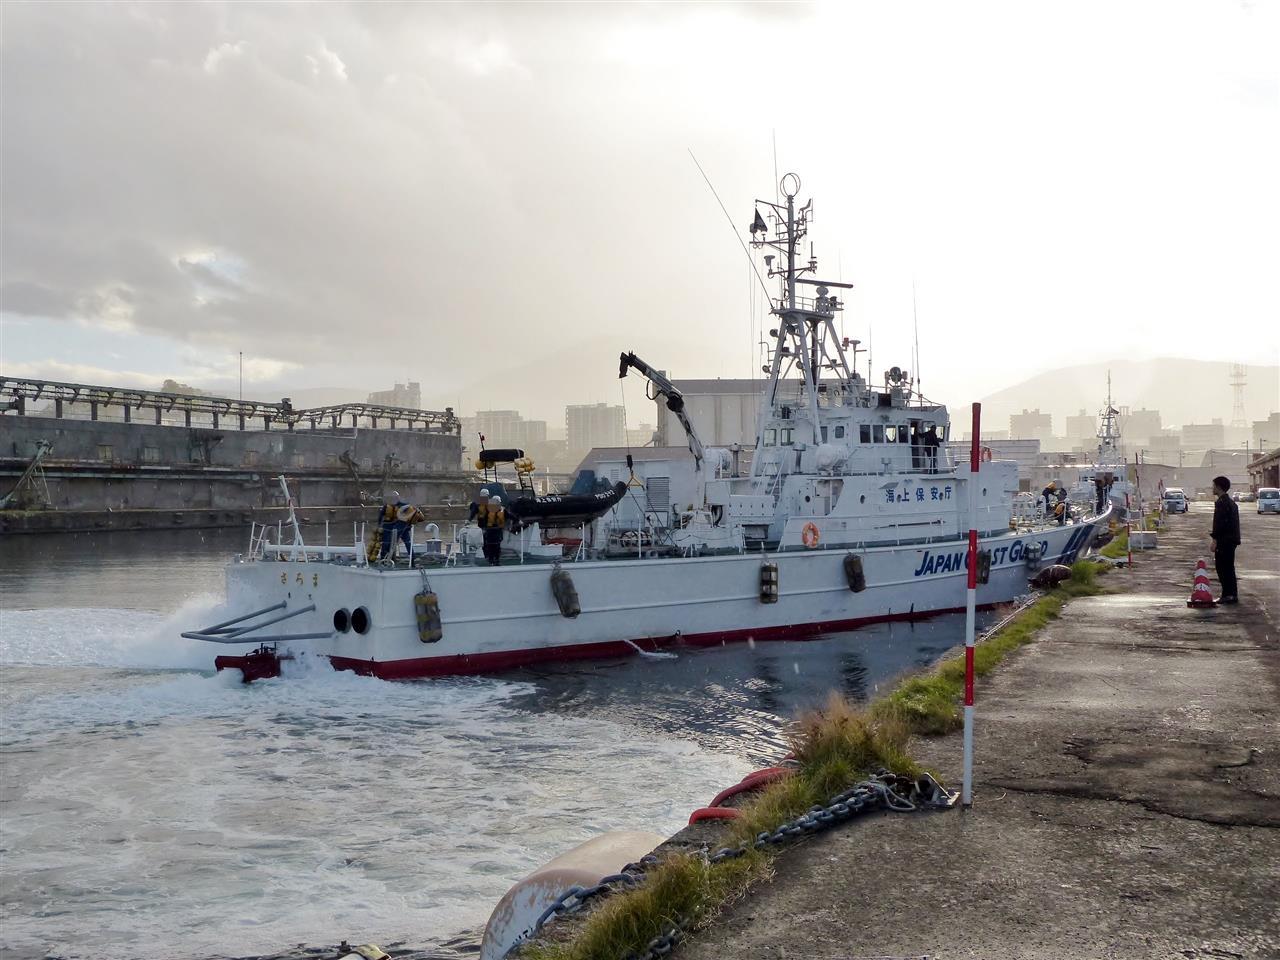 10月15日の塩分補給 巡視船PS02「さろま」寄港」gogo28@永遠の25歳の ...